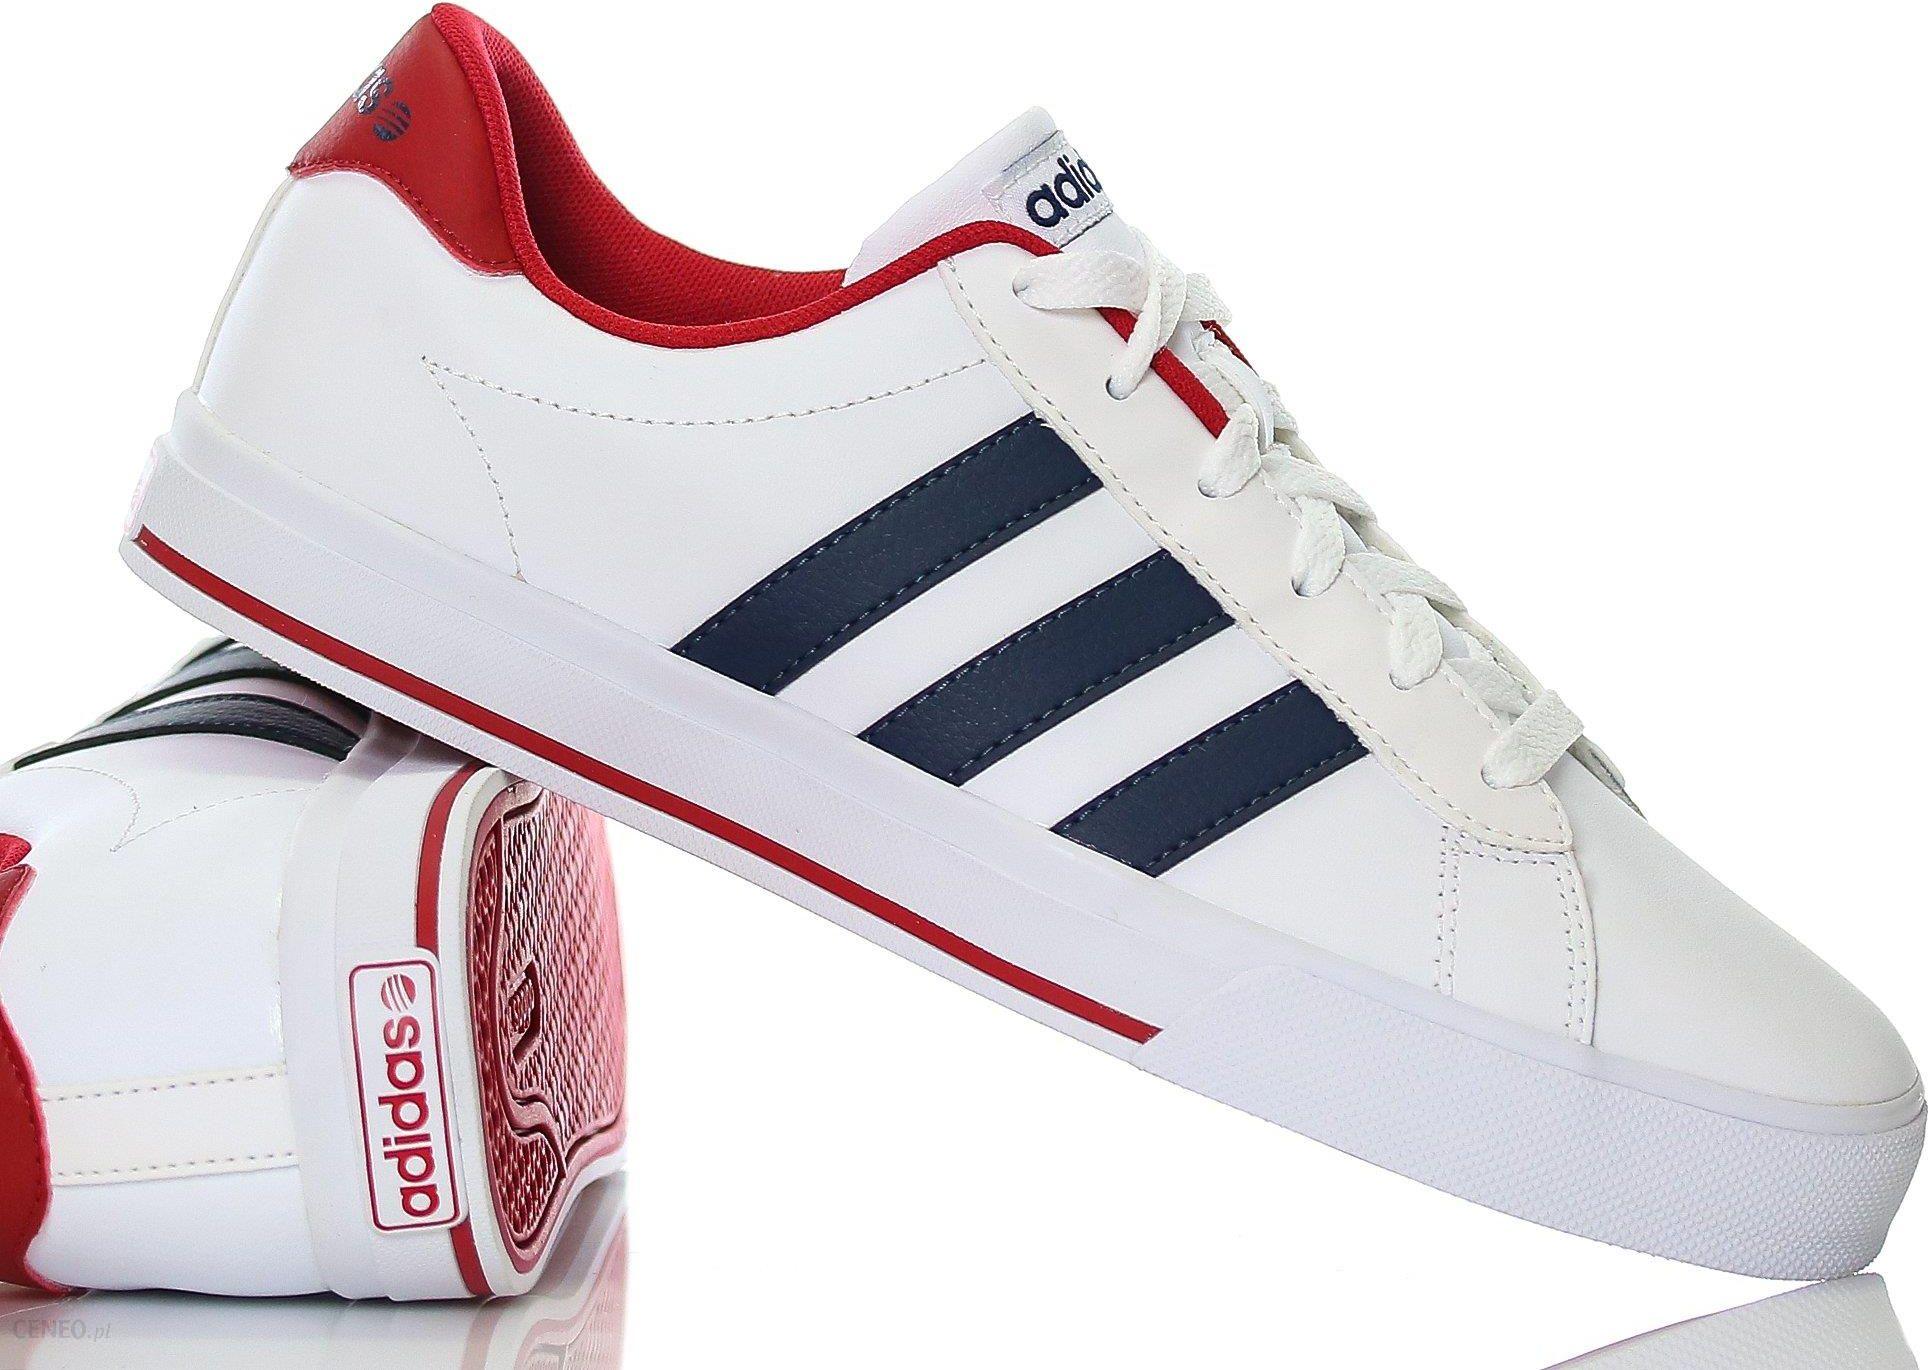 Buty m?skie adidas daily f97749 neo bia?e Zdj?cie na imgED